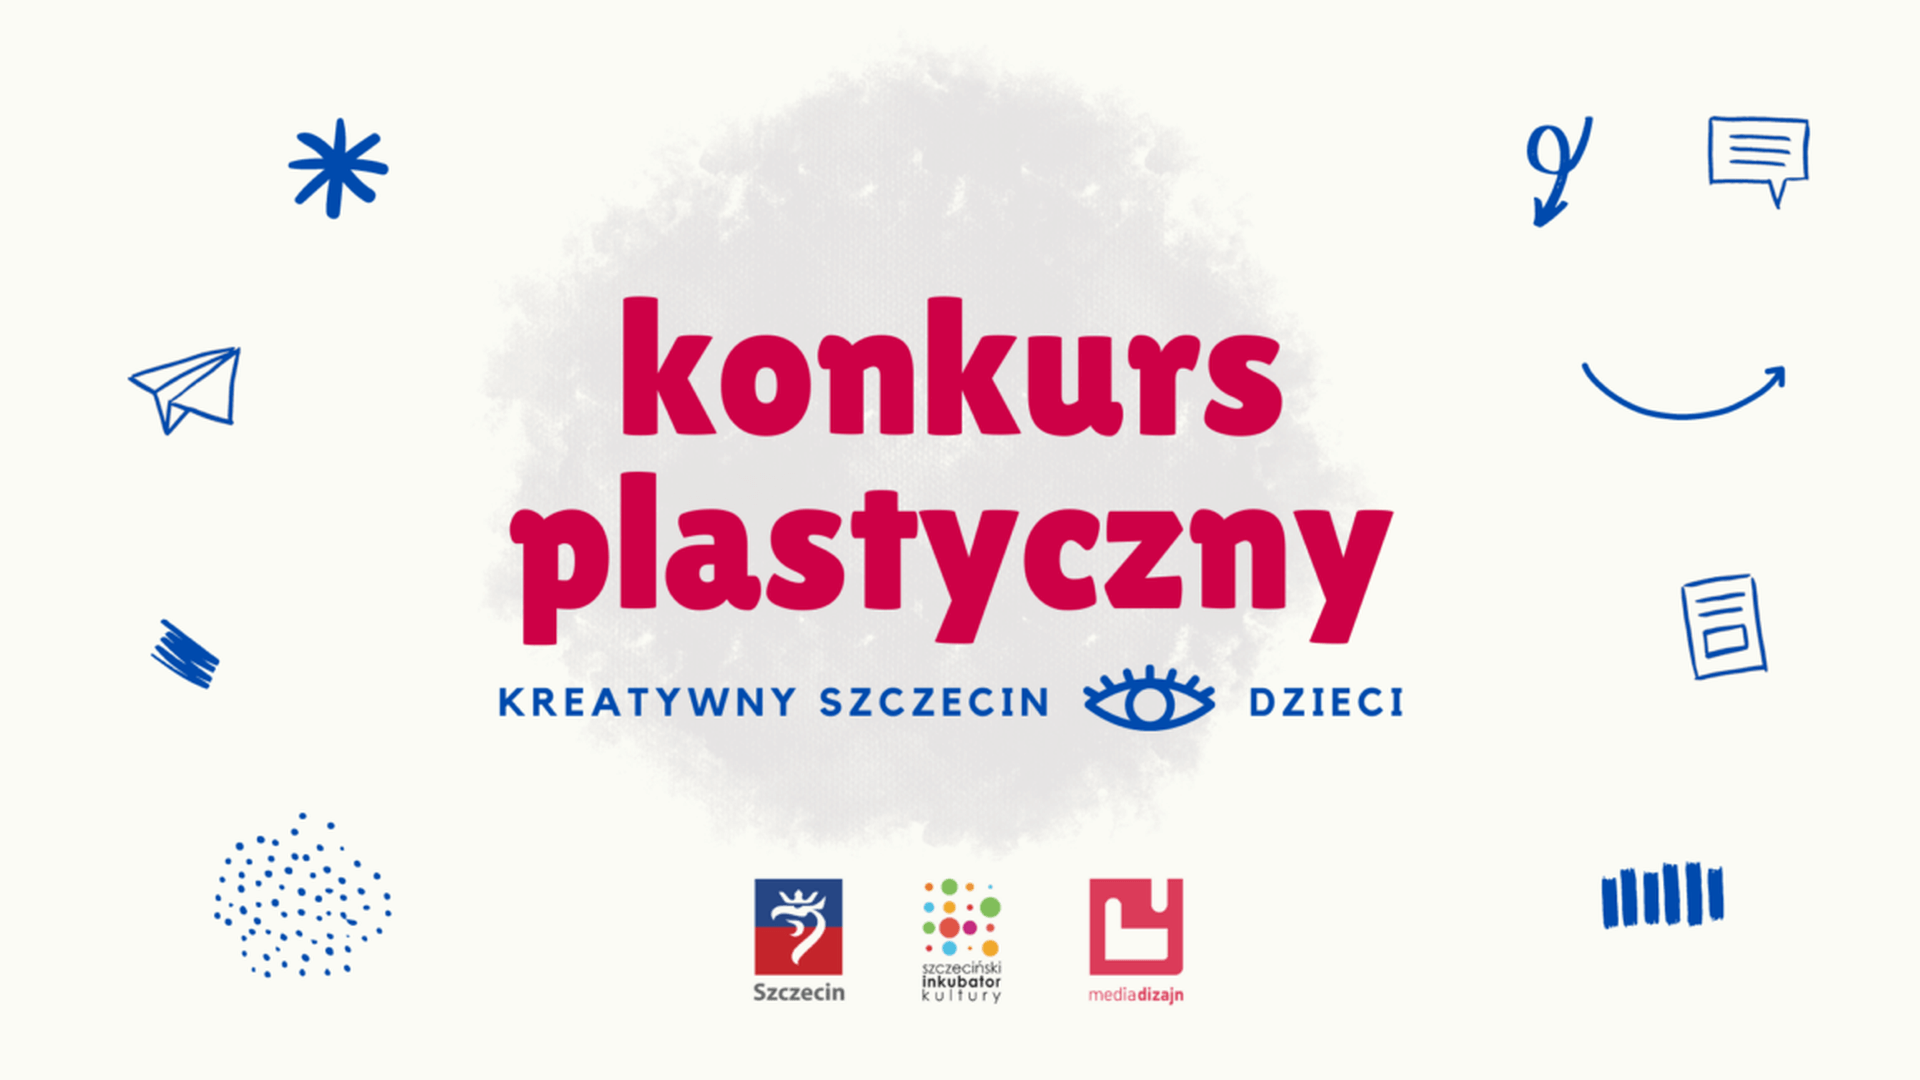 Grafika na której na kremowym tle w centrum znajduje się napis konkurs plastyczy kreatywny Szczecin oczami dzieci. Naokoło napisu znajdują się niebieskie grafiki gwiazdki, papierowego samolotu, kropek, kresek, strzałka, komiksowa chmurka.